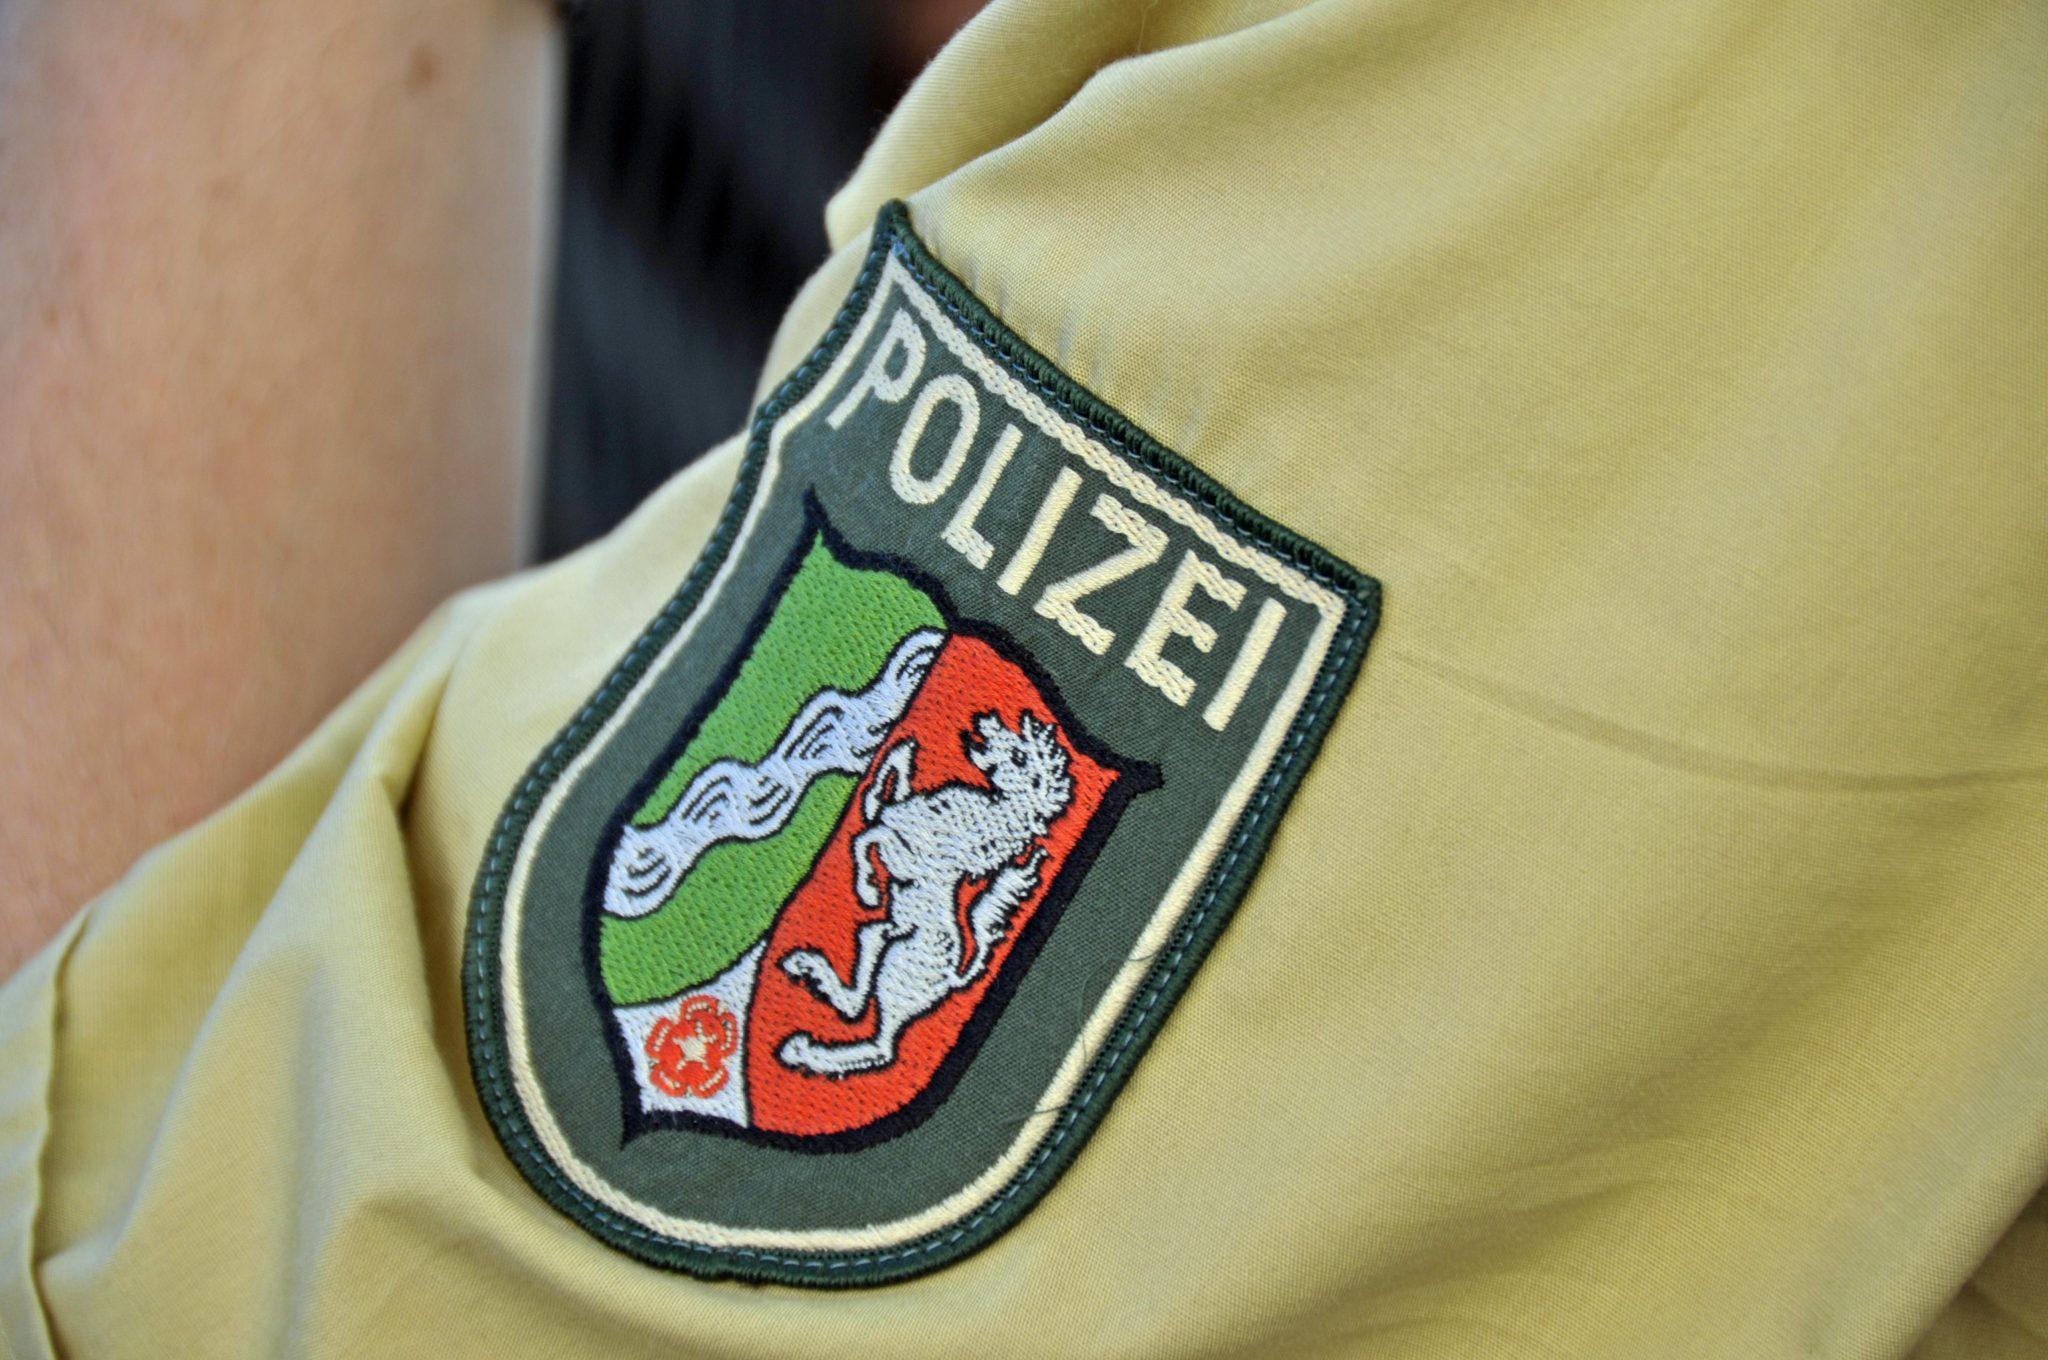 Wappen des Bundeslandes Nordrhein-Westfalen auf einer Polizeiuniform Foto: picture alliance/imageBROKER